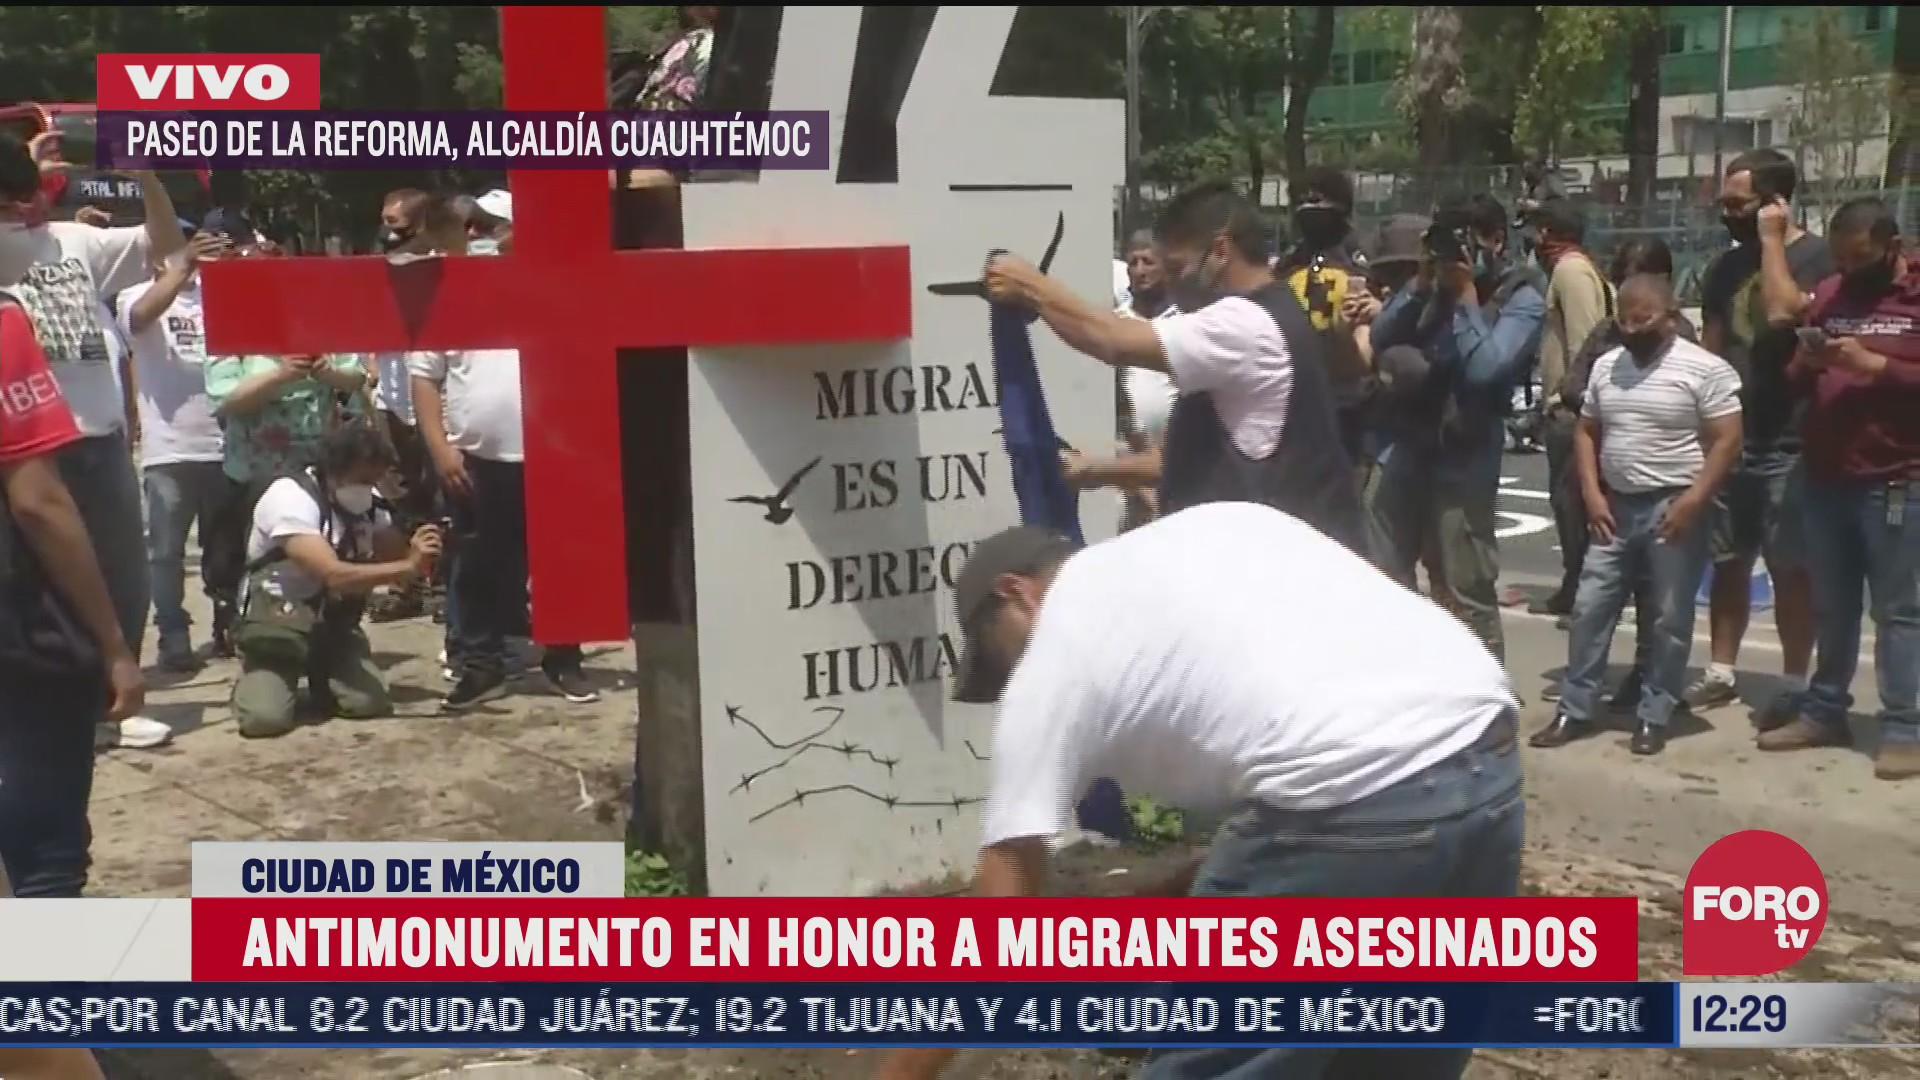 instalan antimonumento frente a embajada de eeuu